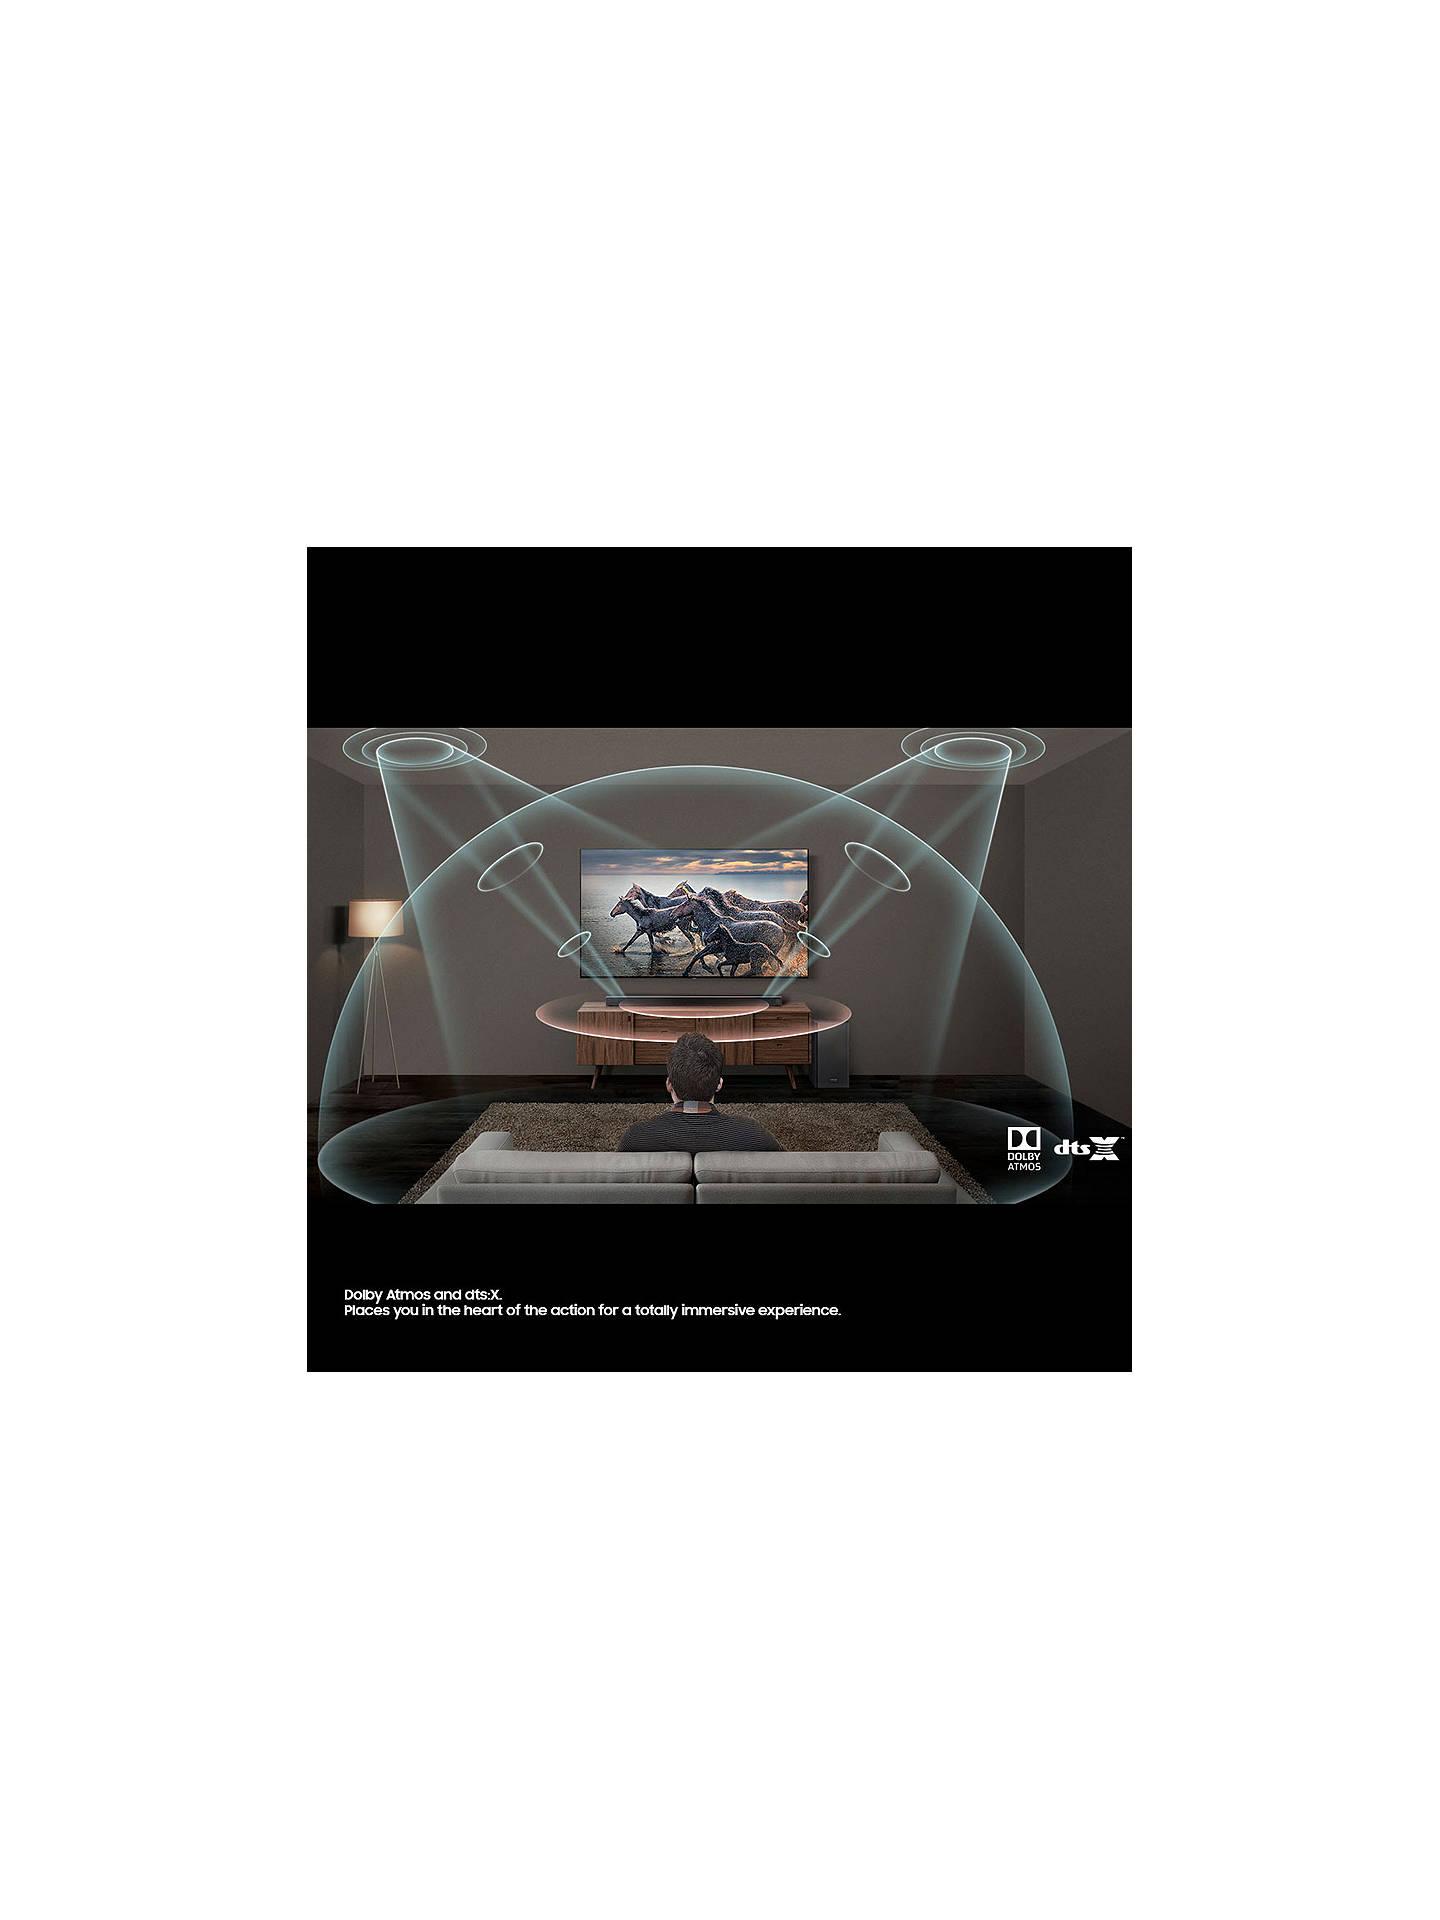 Samsung harman/kardon HW-Q70R Bluetooth Wi-Fi Cinematic Sound Bar with  Dolby Atmos & Wireless Subwoofer